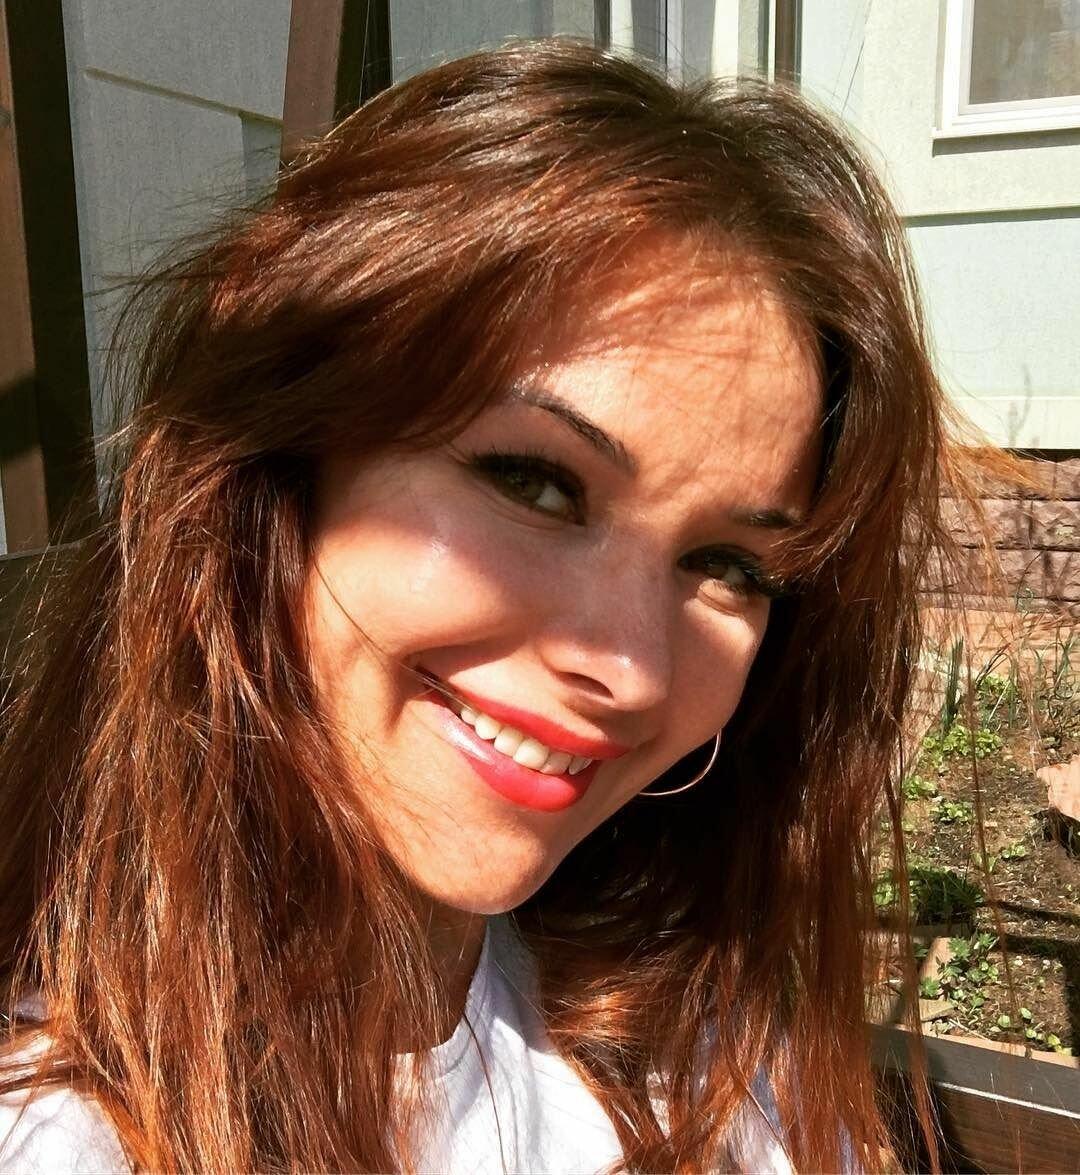 фото оксаны федоровой без макияжа нет